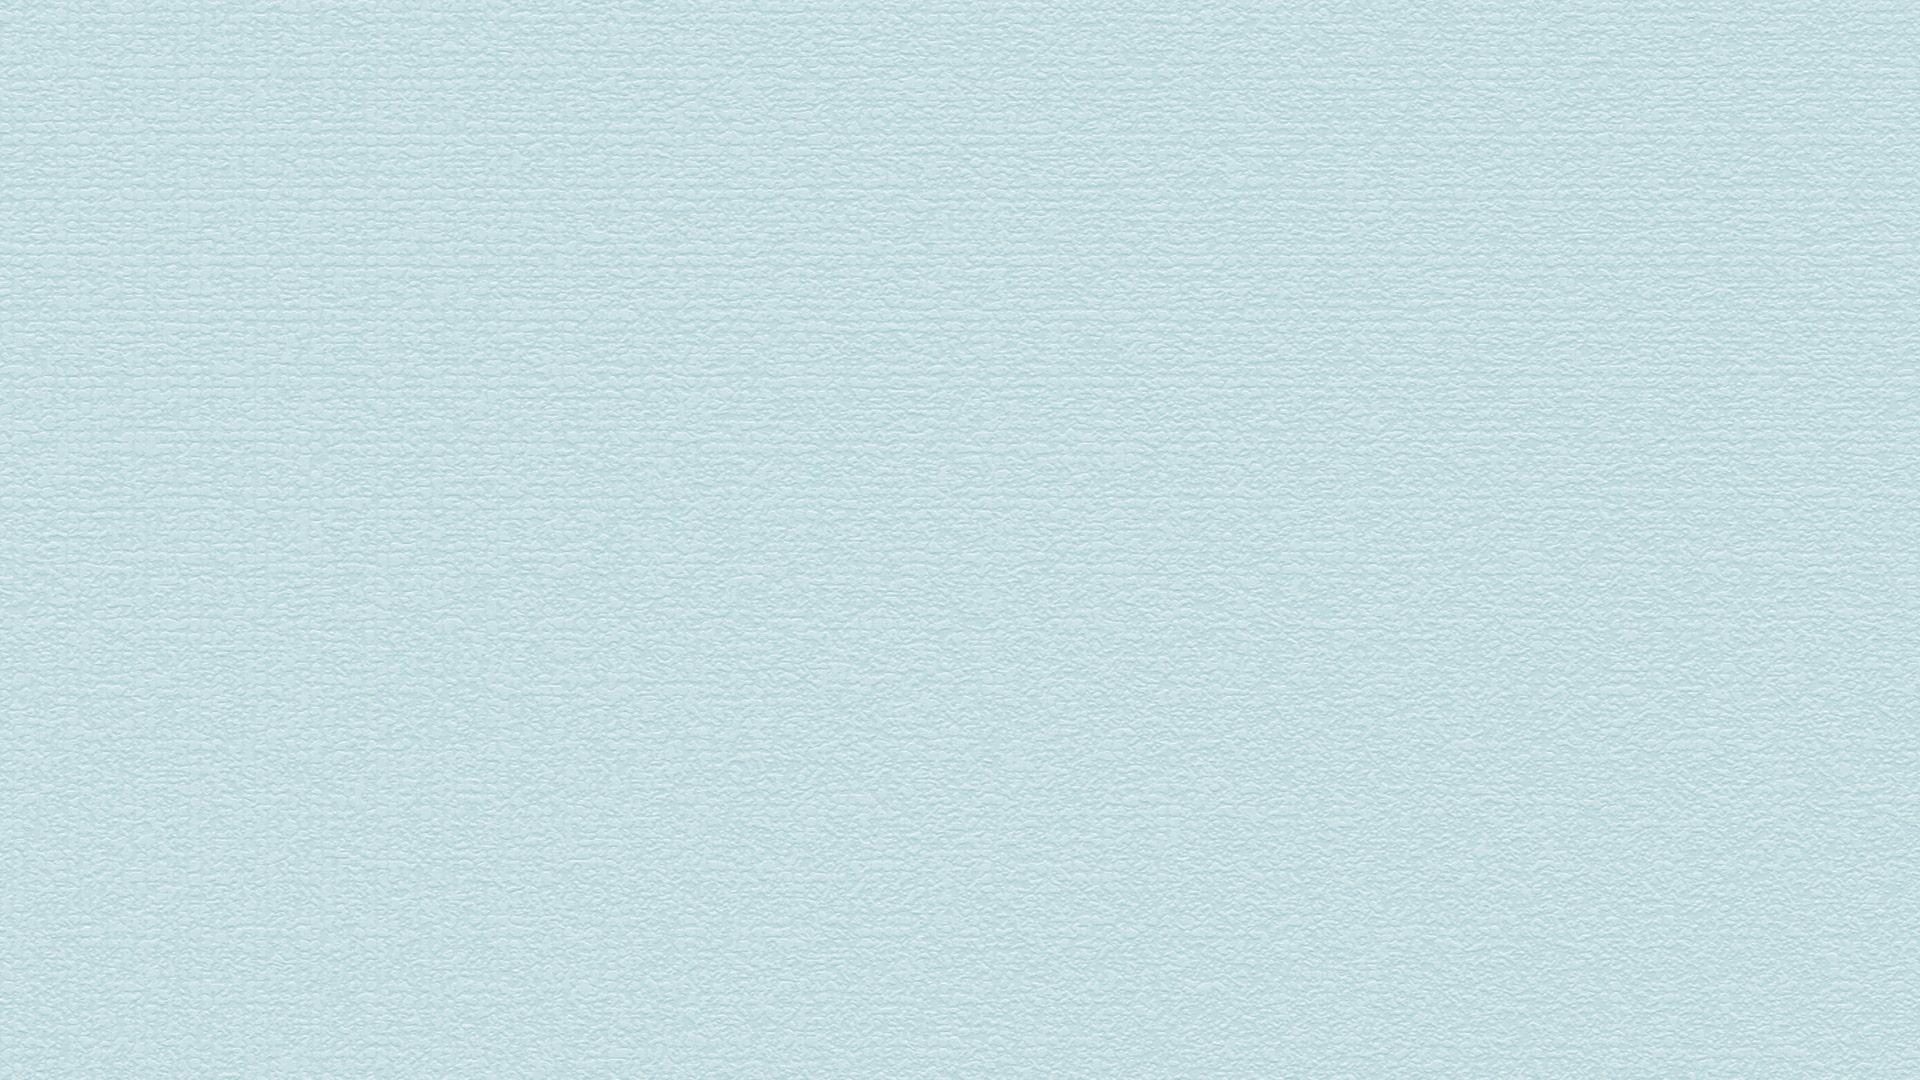 一般的な壁模様1_blue